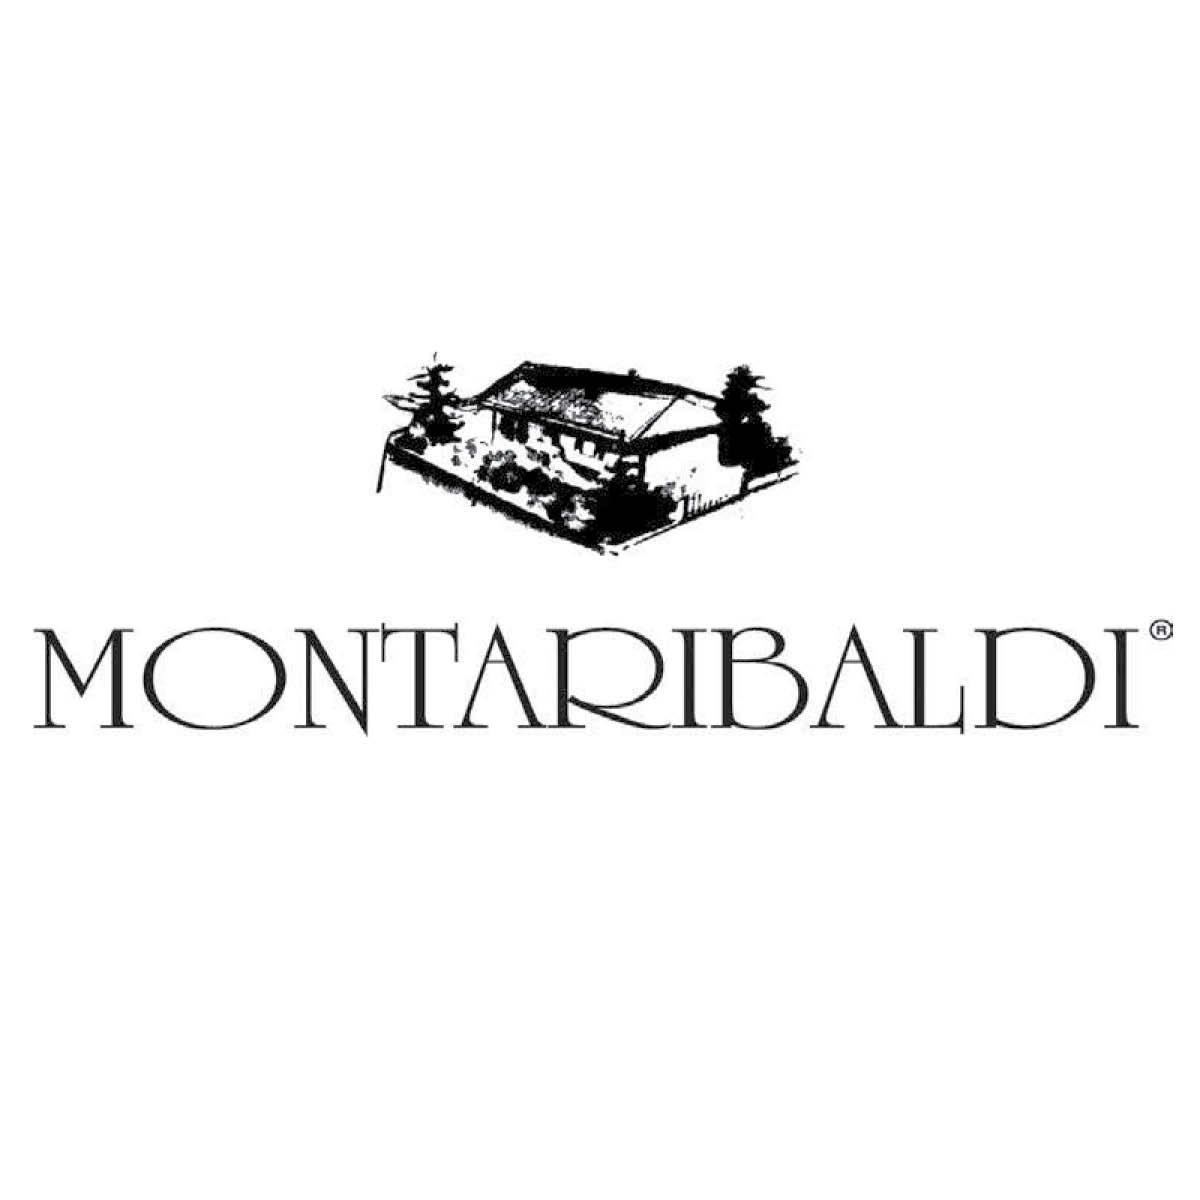 Montaribaldi